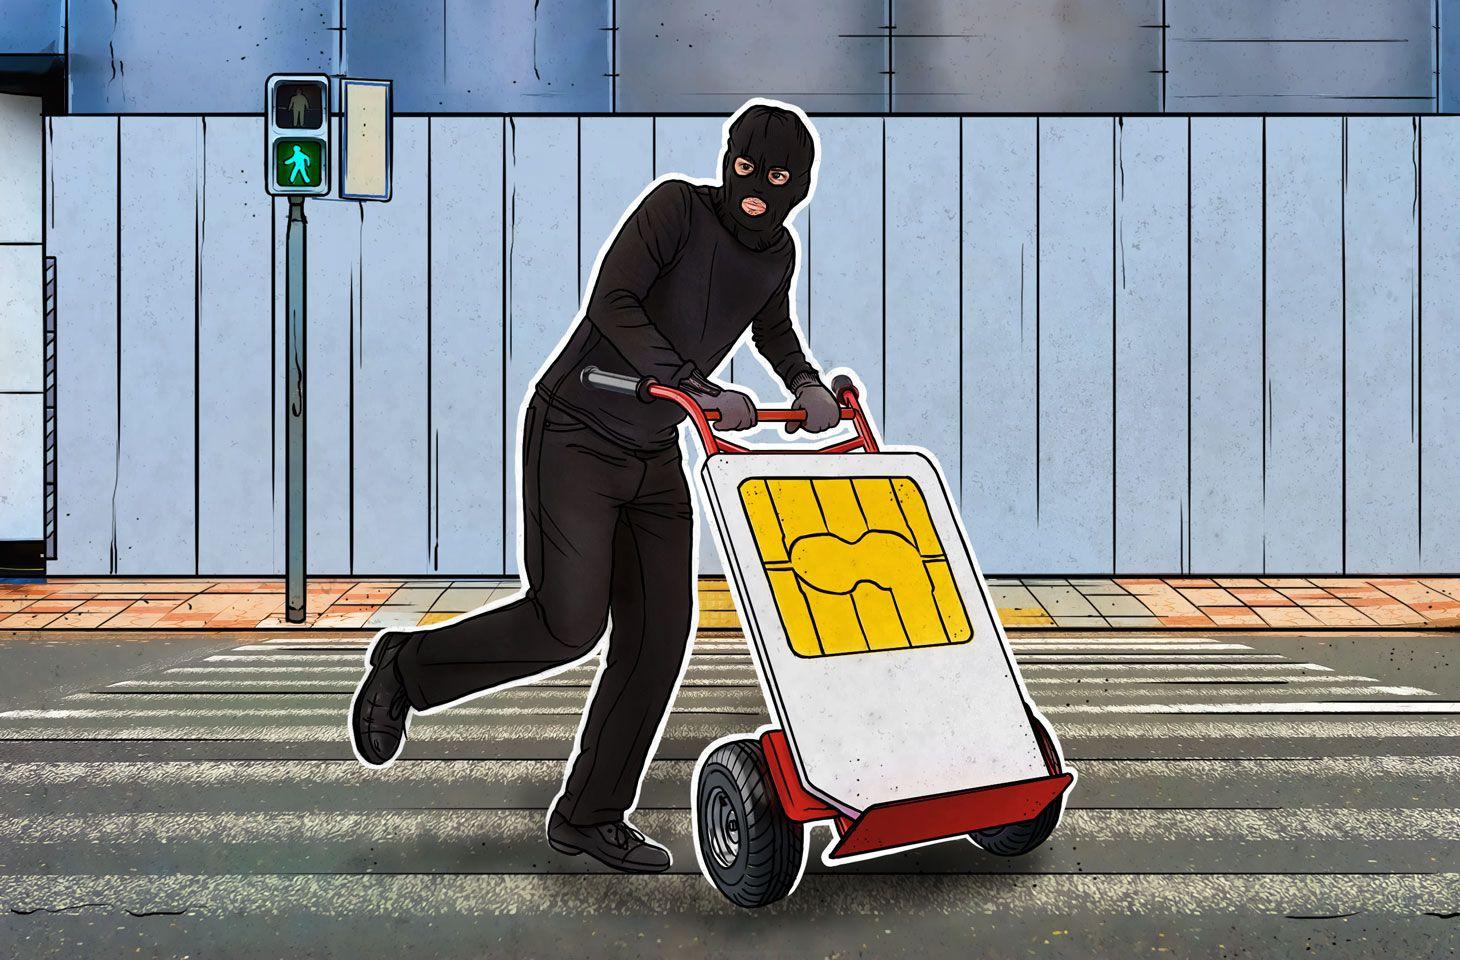 SimKorsanlığı: SIM üzerinden telefon hackleme